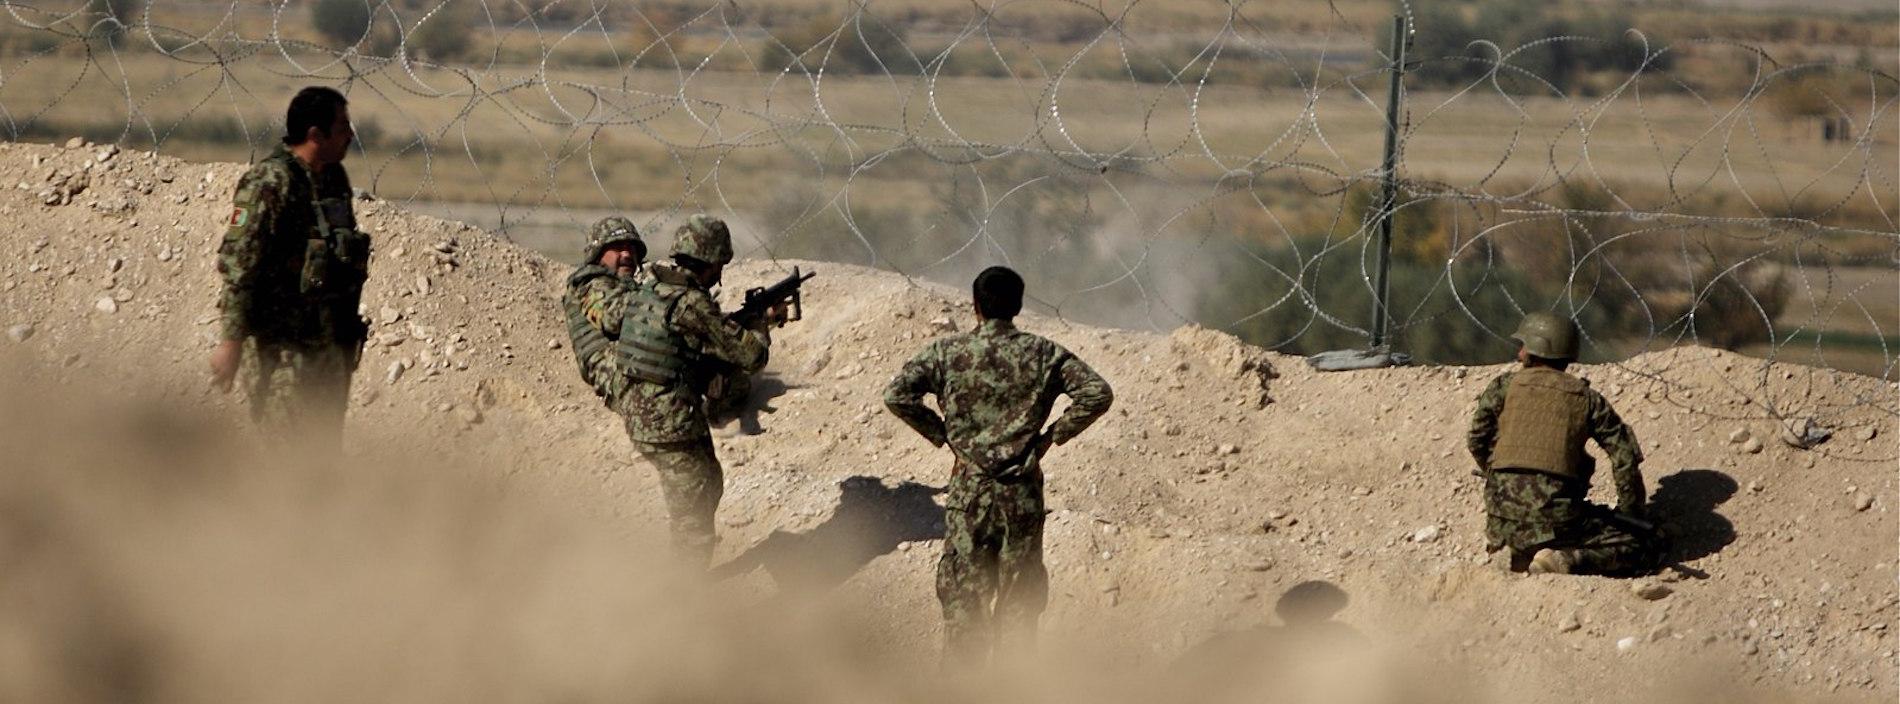 Des soldats afghans surveillent des Talibans. (Source : wikimedia commons)